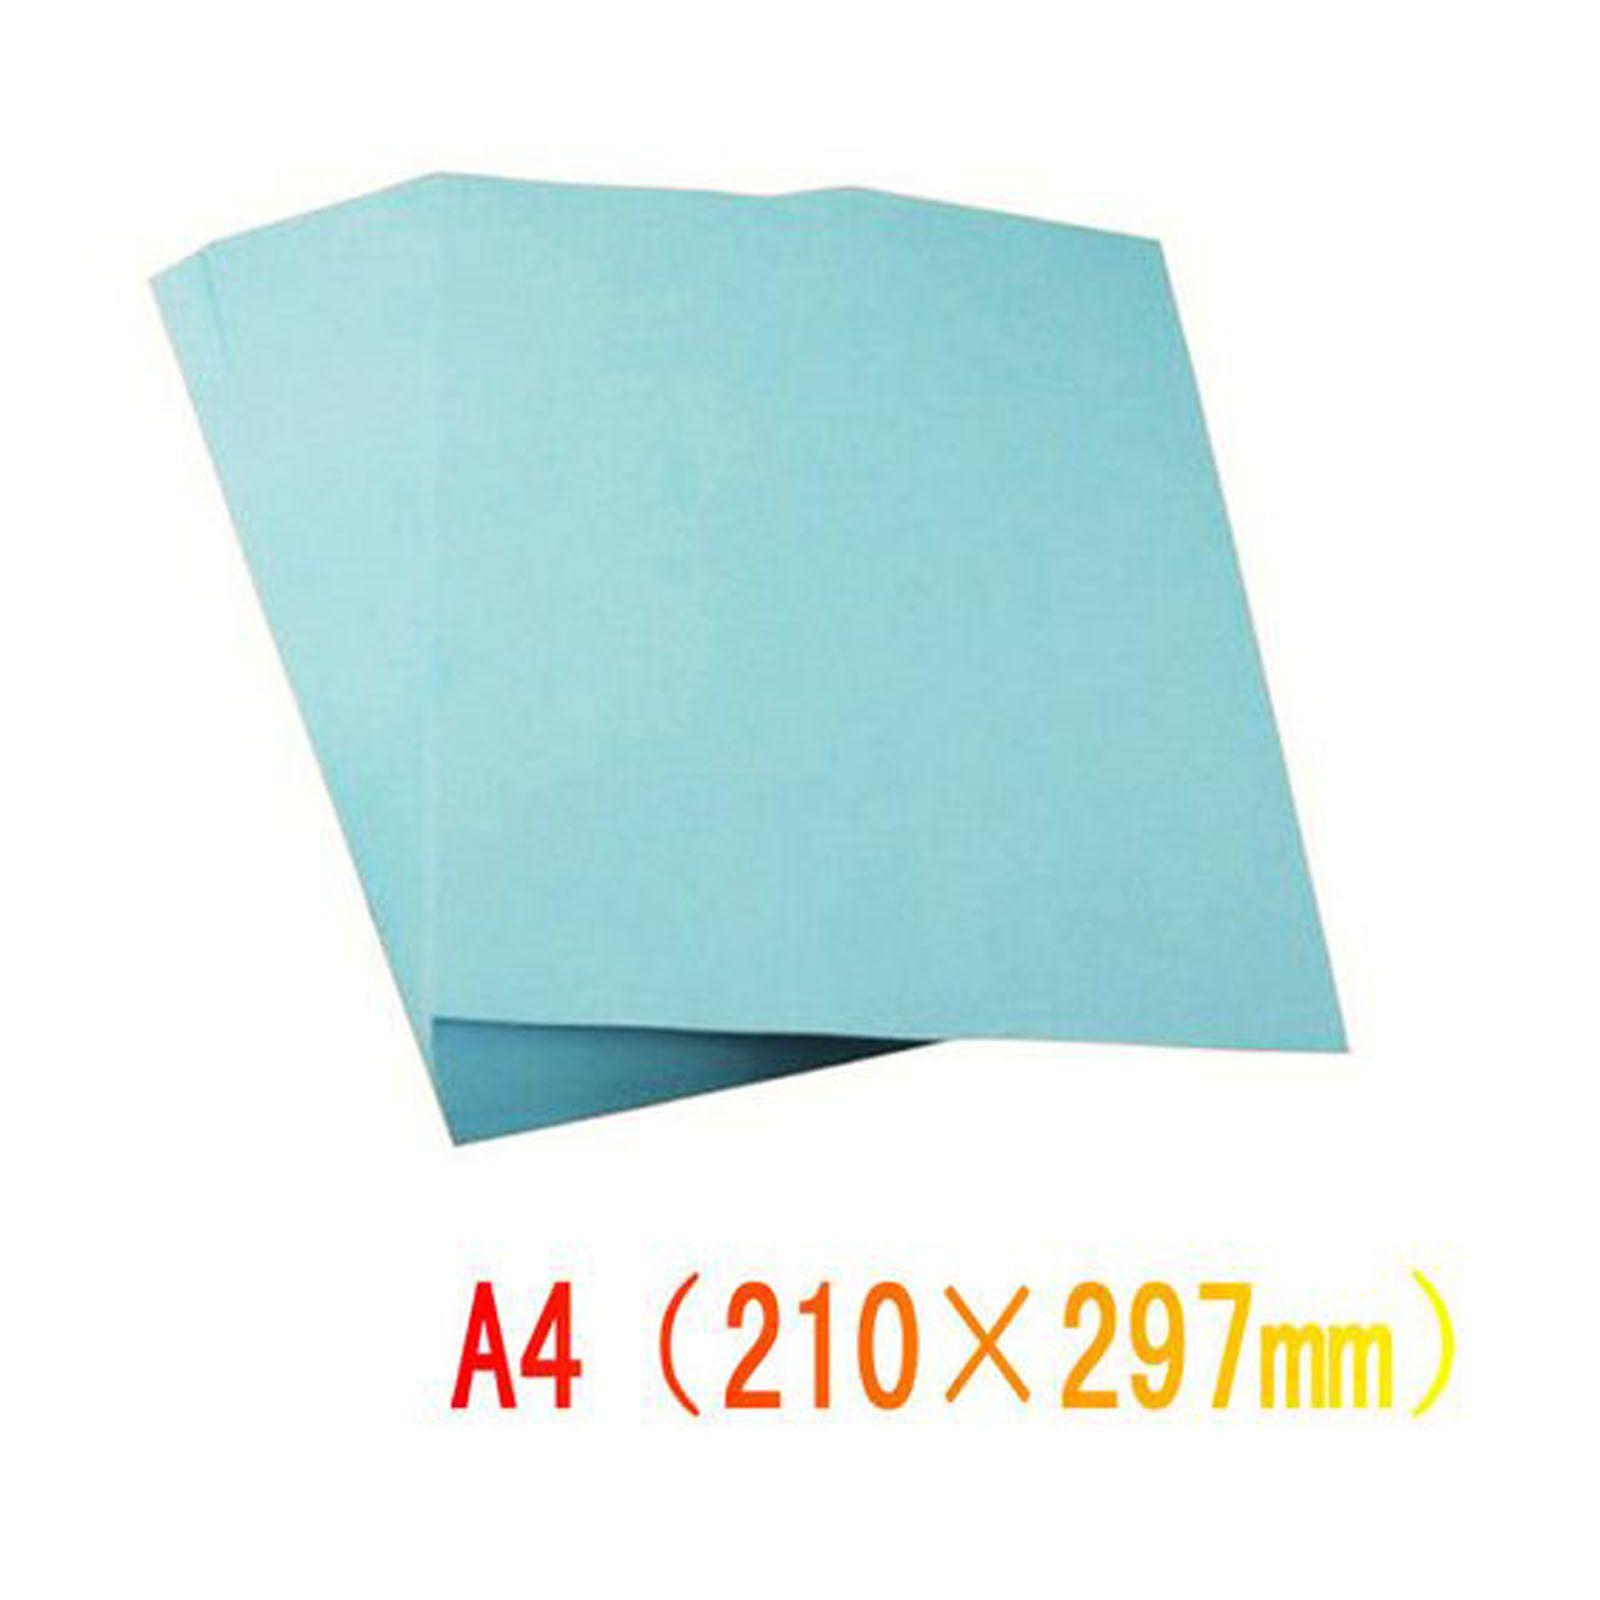 80gsm en couleur imprimante copieur ARTISANAT 75 A4 PAPIER FEUILLES